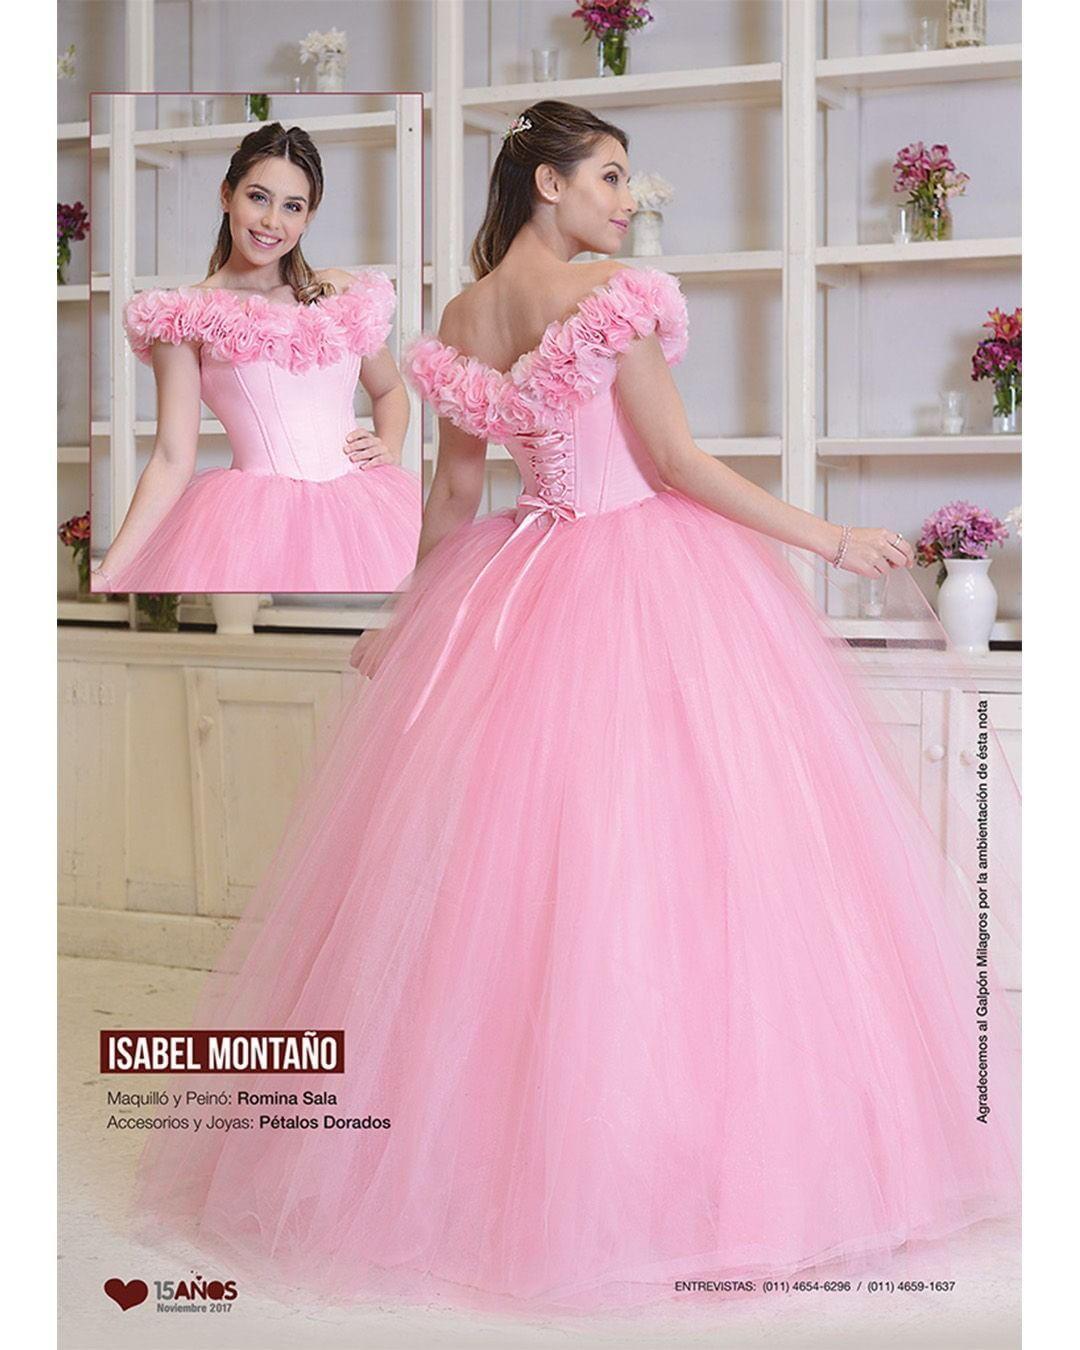 Mira este vestido rosado con esos detalles en los hombros!!! <3 <3 ...